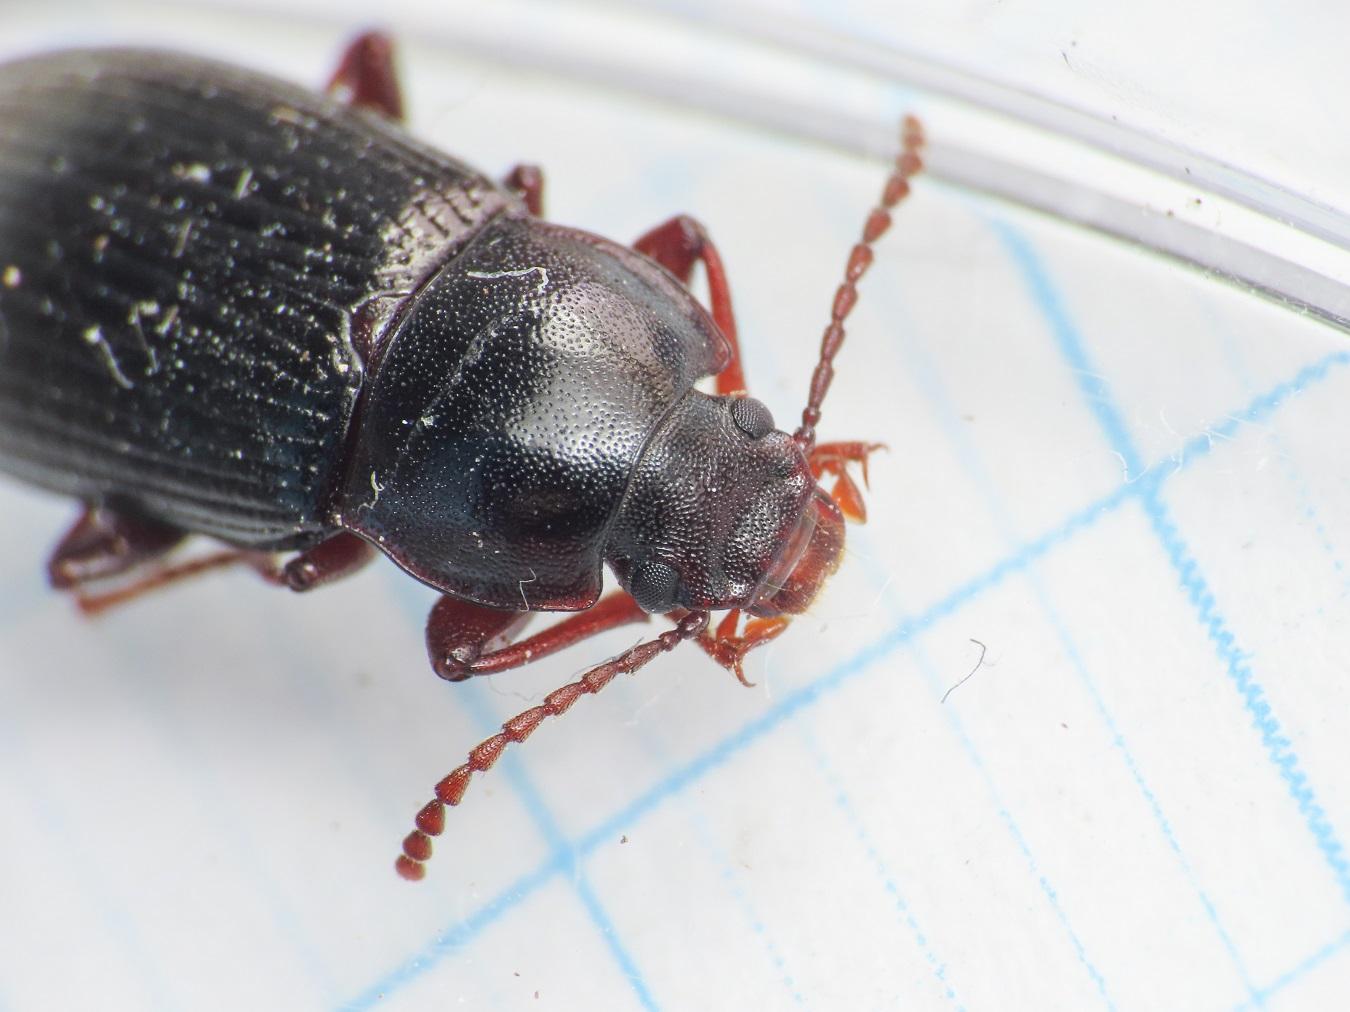 Tenebrionidae: Nalassus planipennis